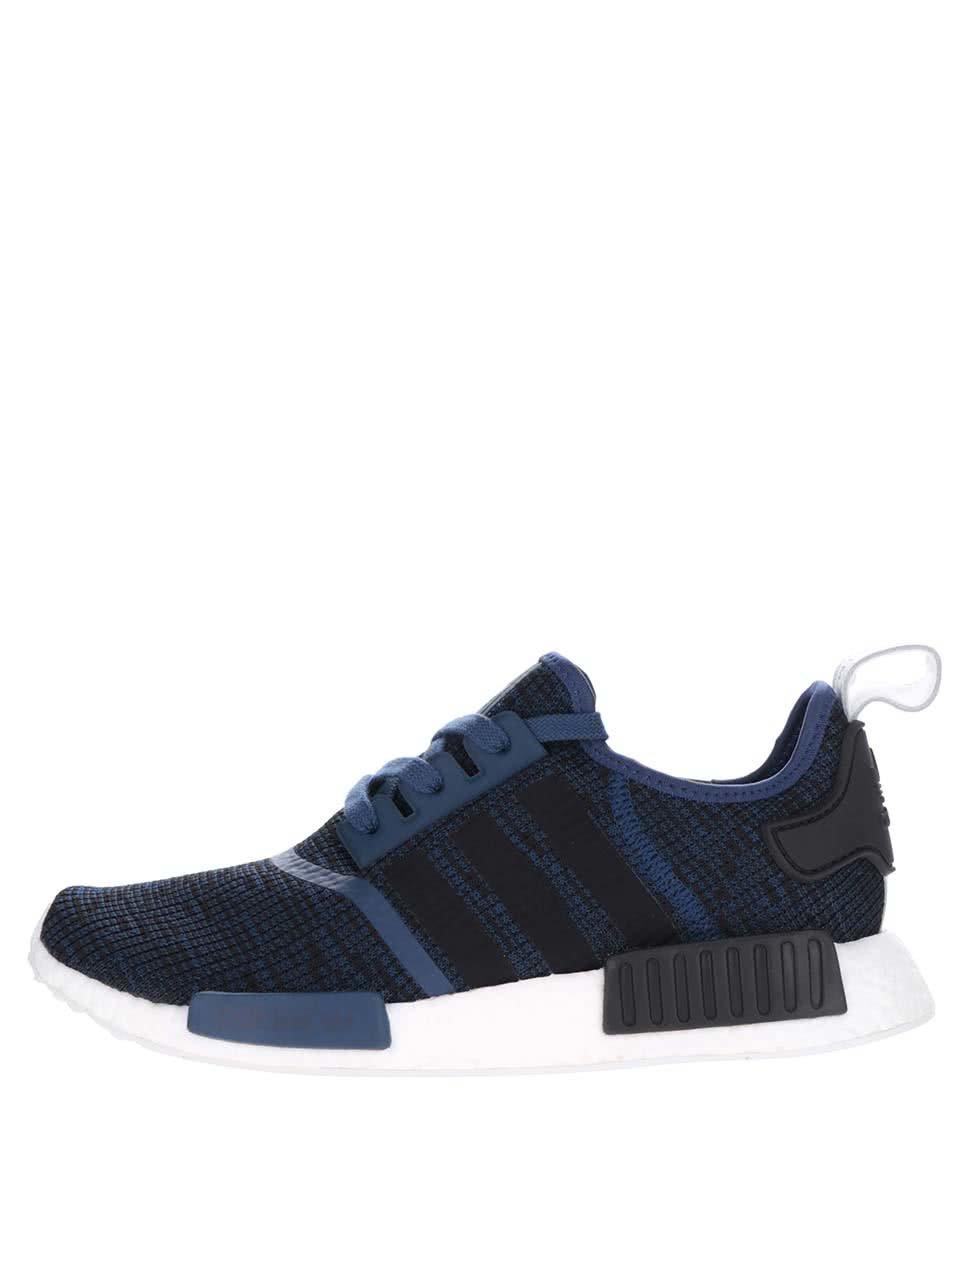 a739364c1a8 Černo-modré pánské tenisky adidas Originals NMD ...